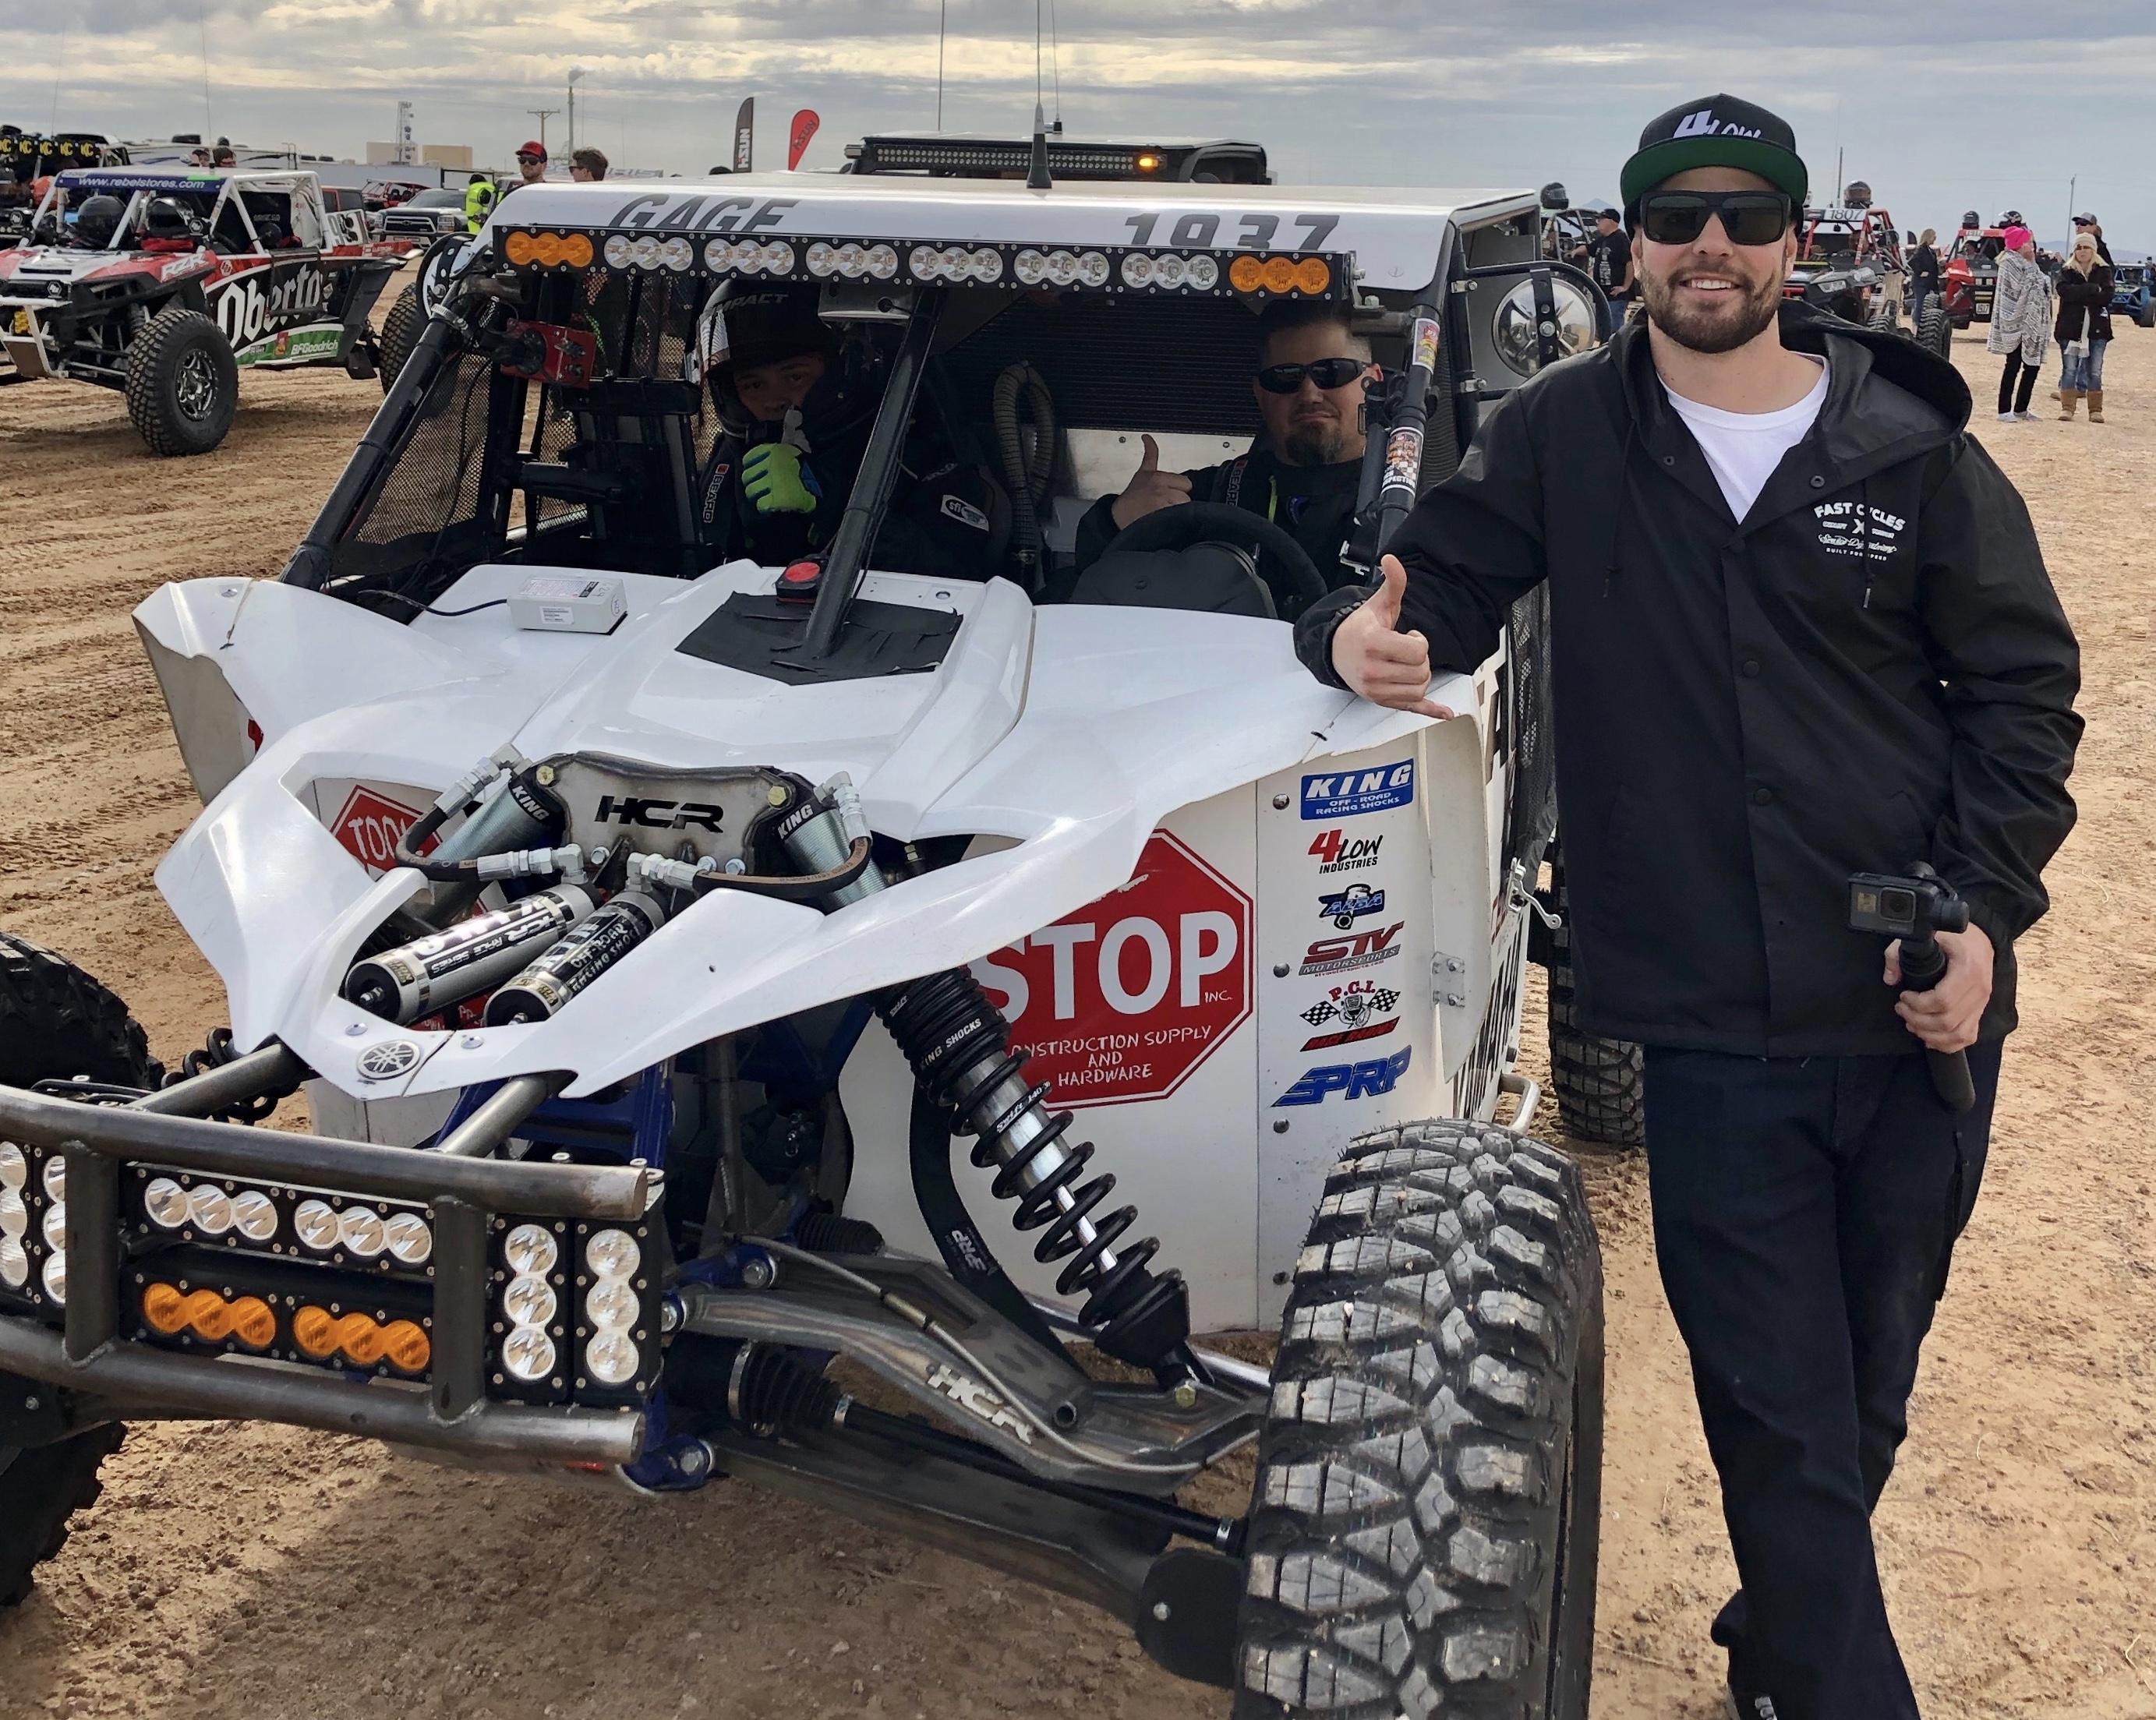 Gage Racing BITD desert car-932c408f-b5a0-444d-8c92-aa71686ad08c_1552318725274.jpeg